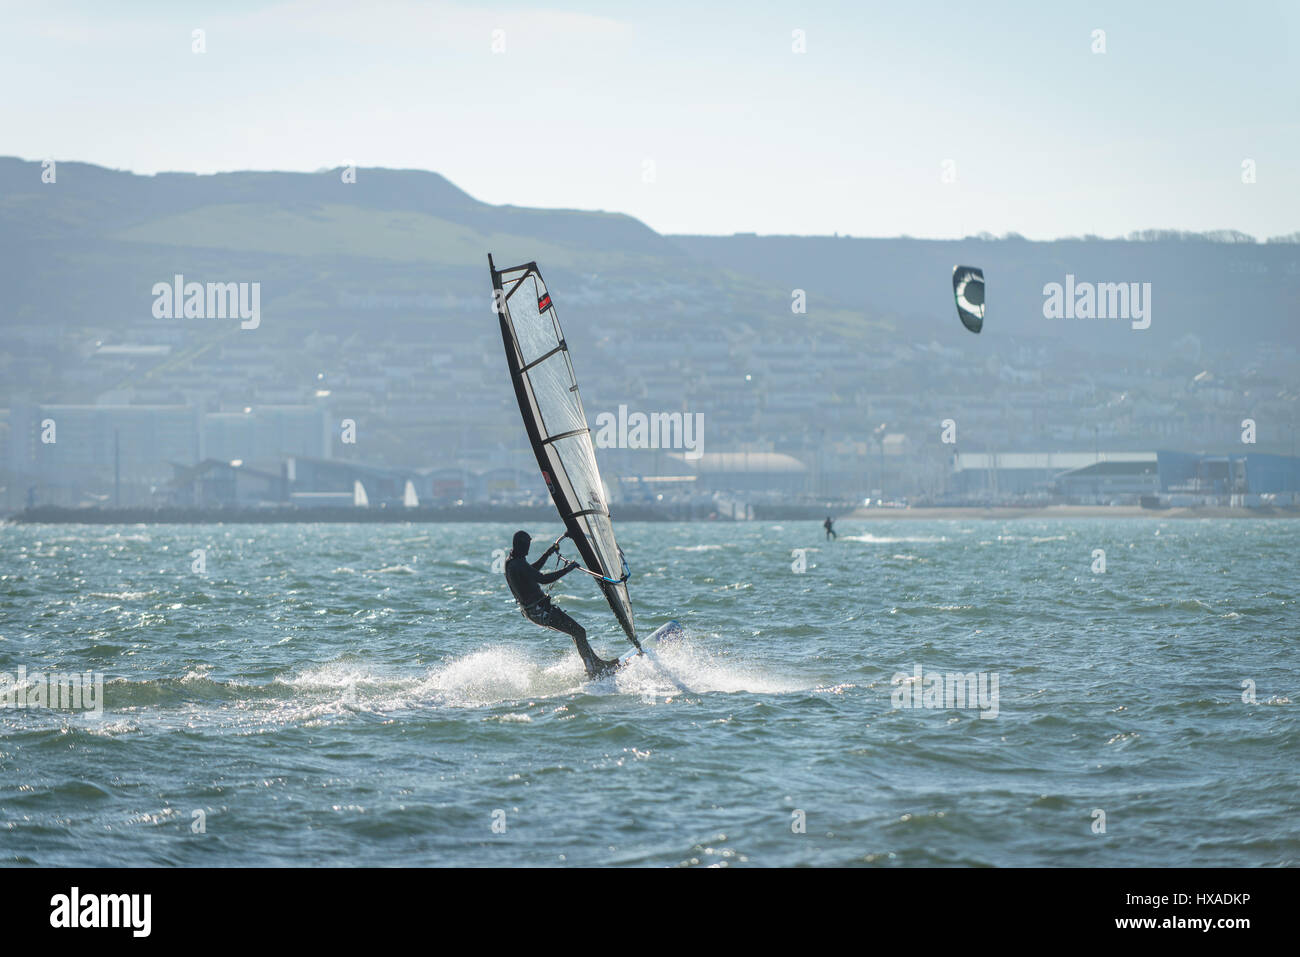 Portland Harbour, Dorset, Regno Unito. Il 26 marzo 2017. Un uomo wind surf su un croccante di Ventoso giornata soleggiata Immagini Stock